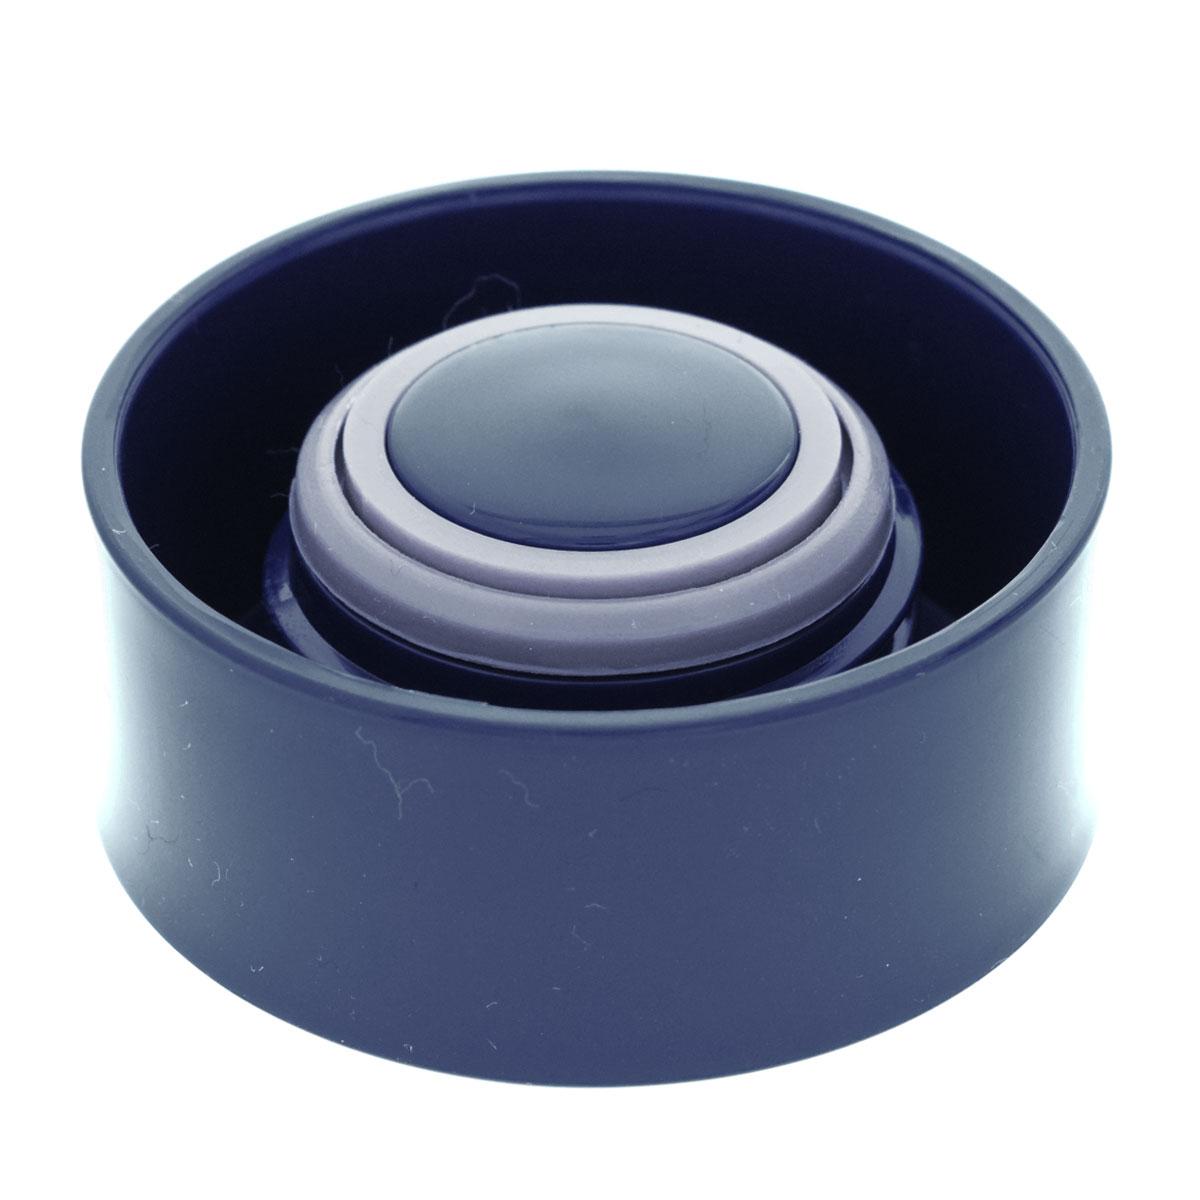 エアリスト ステンレス製 超軽量スリムボトル 300ml